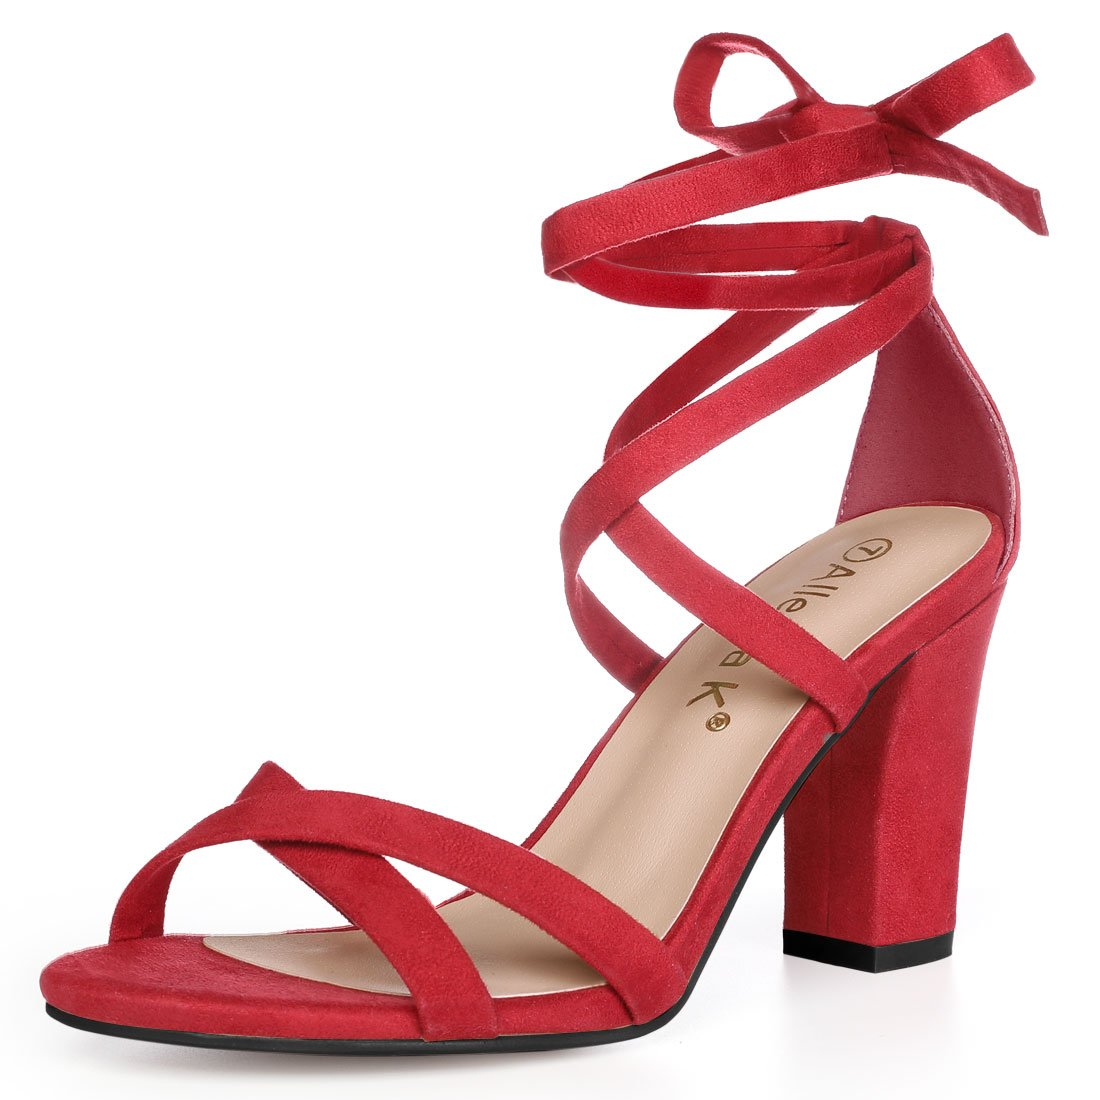 Allegra K Women's Lace-up Block Heel Red Sandals - 7 M US